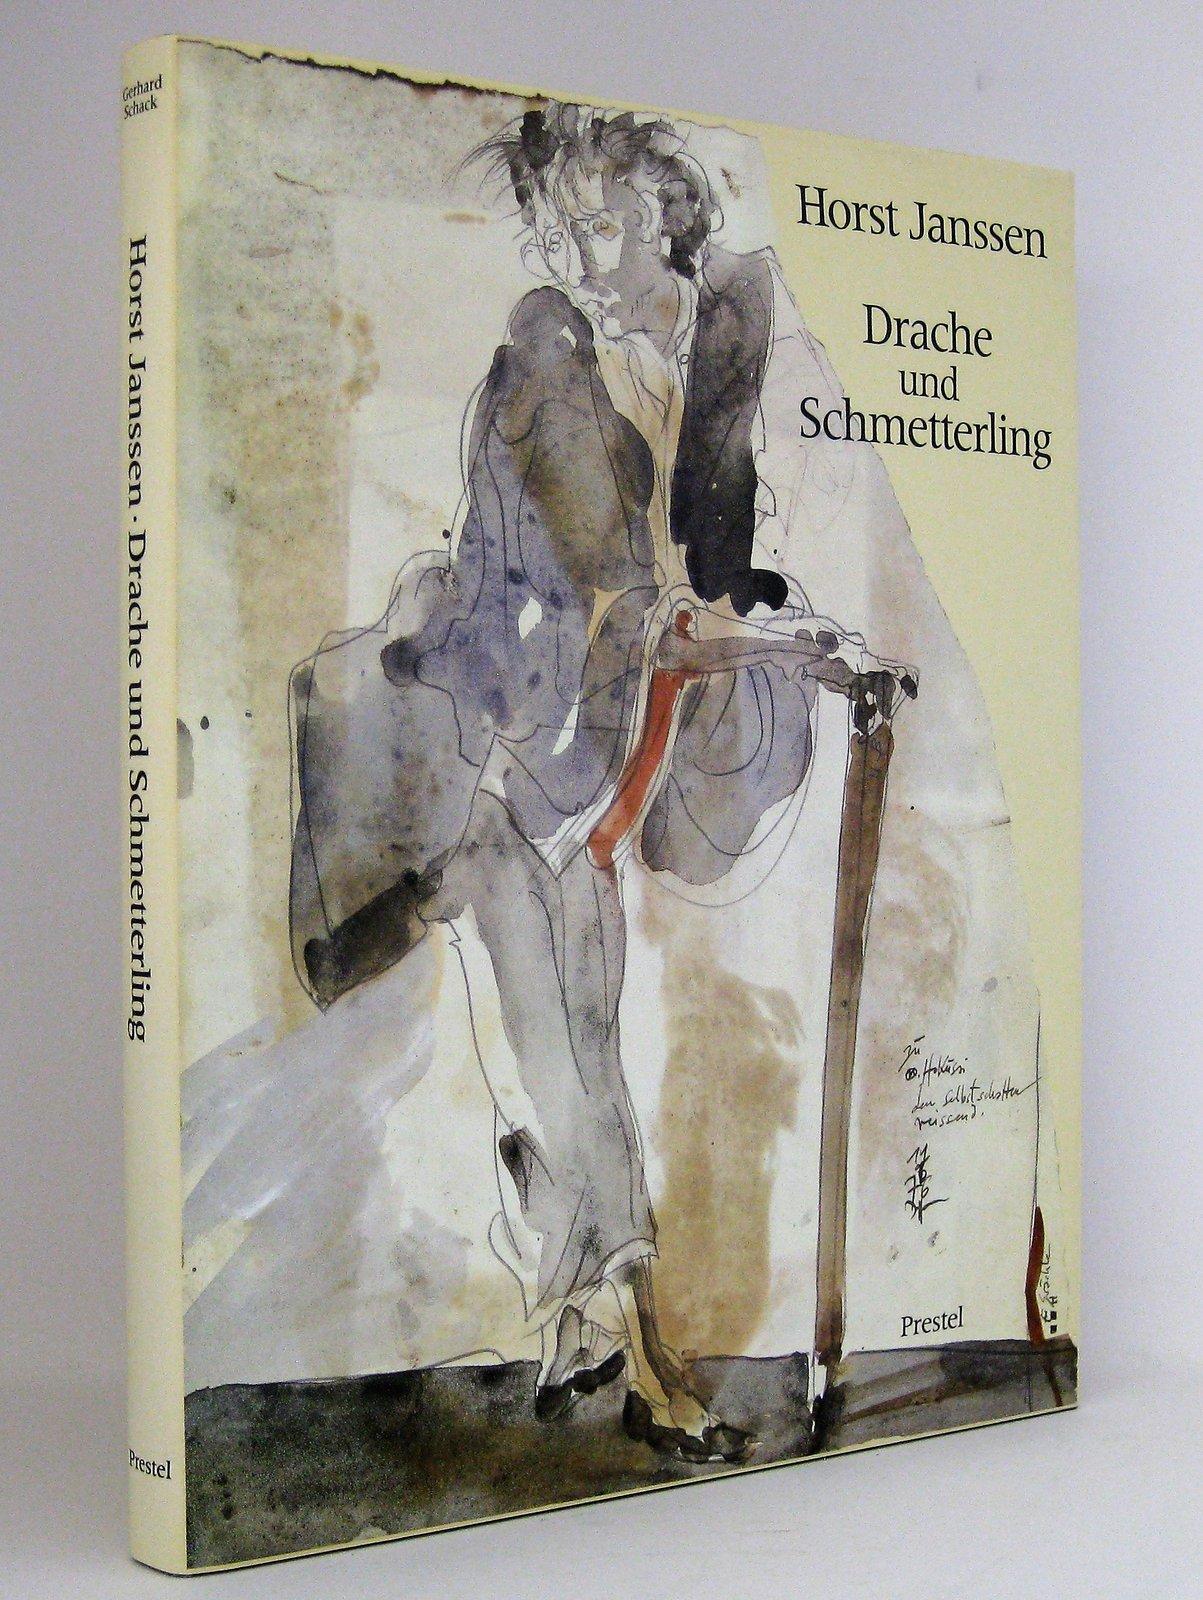 Horst Janssen - Drache und Schmetterling : Zeichnungen und Radierungen nach japanischen Vorbildern. Horst Janssen zum 60. Geburtstag - Schack, Gerhard Janssen, Horst [Künstler]